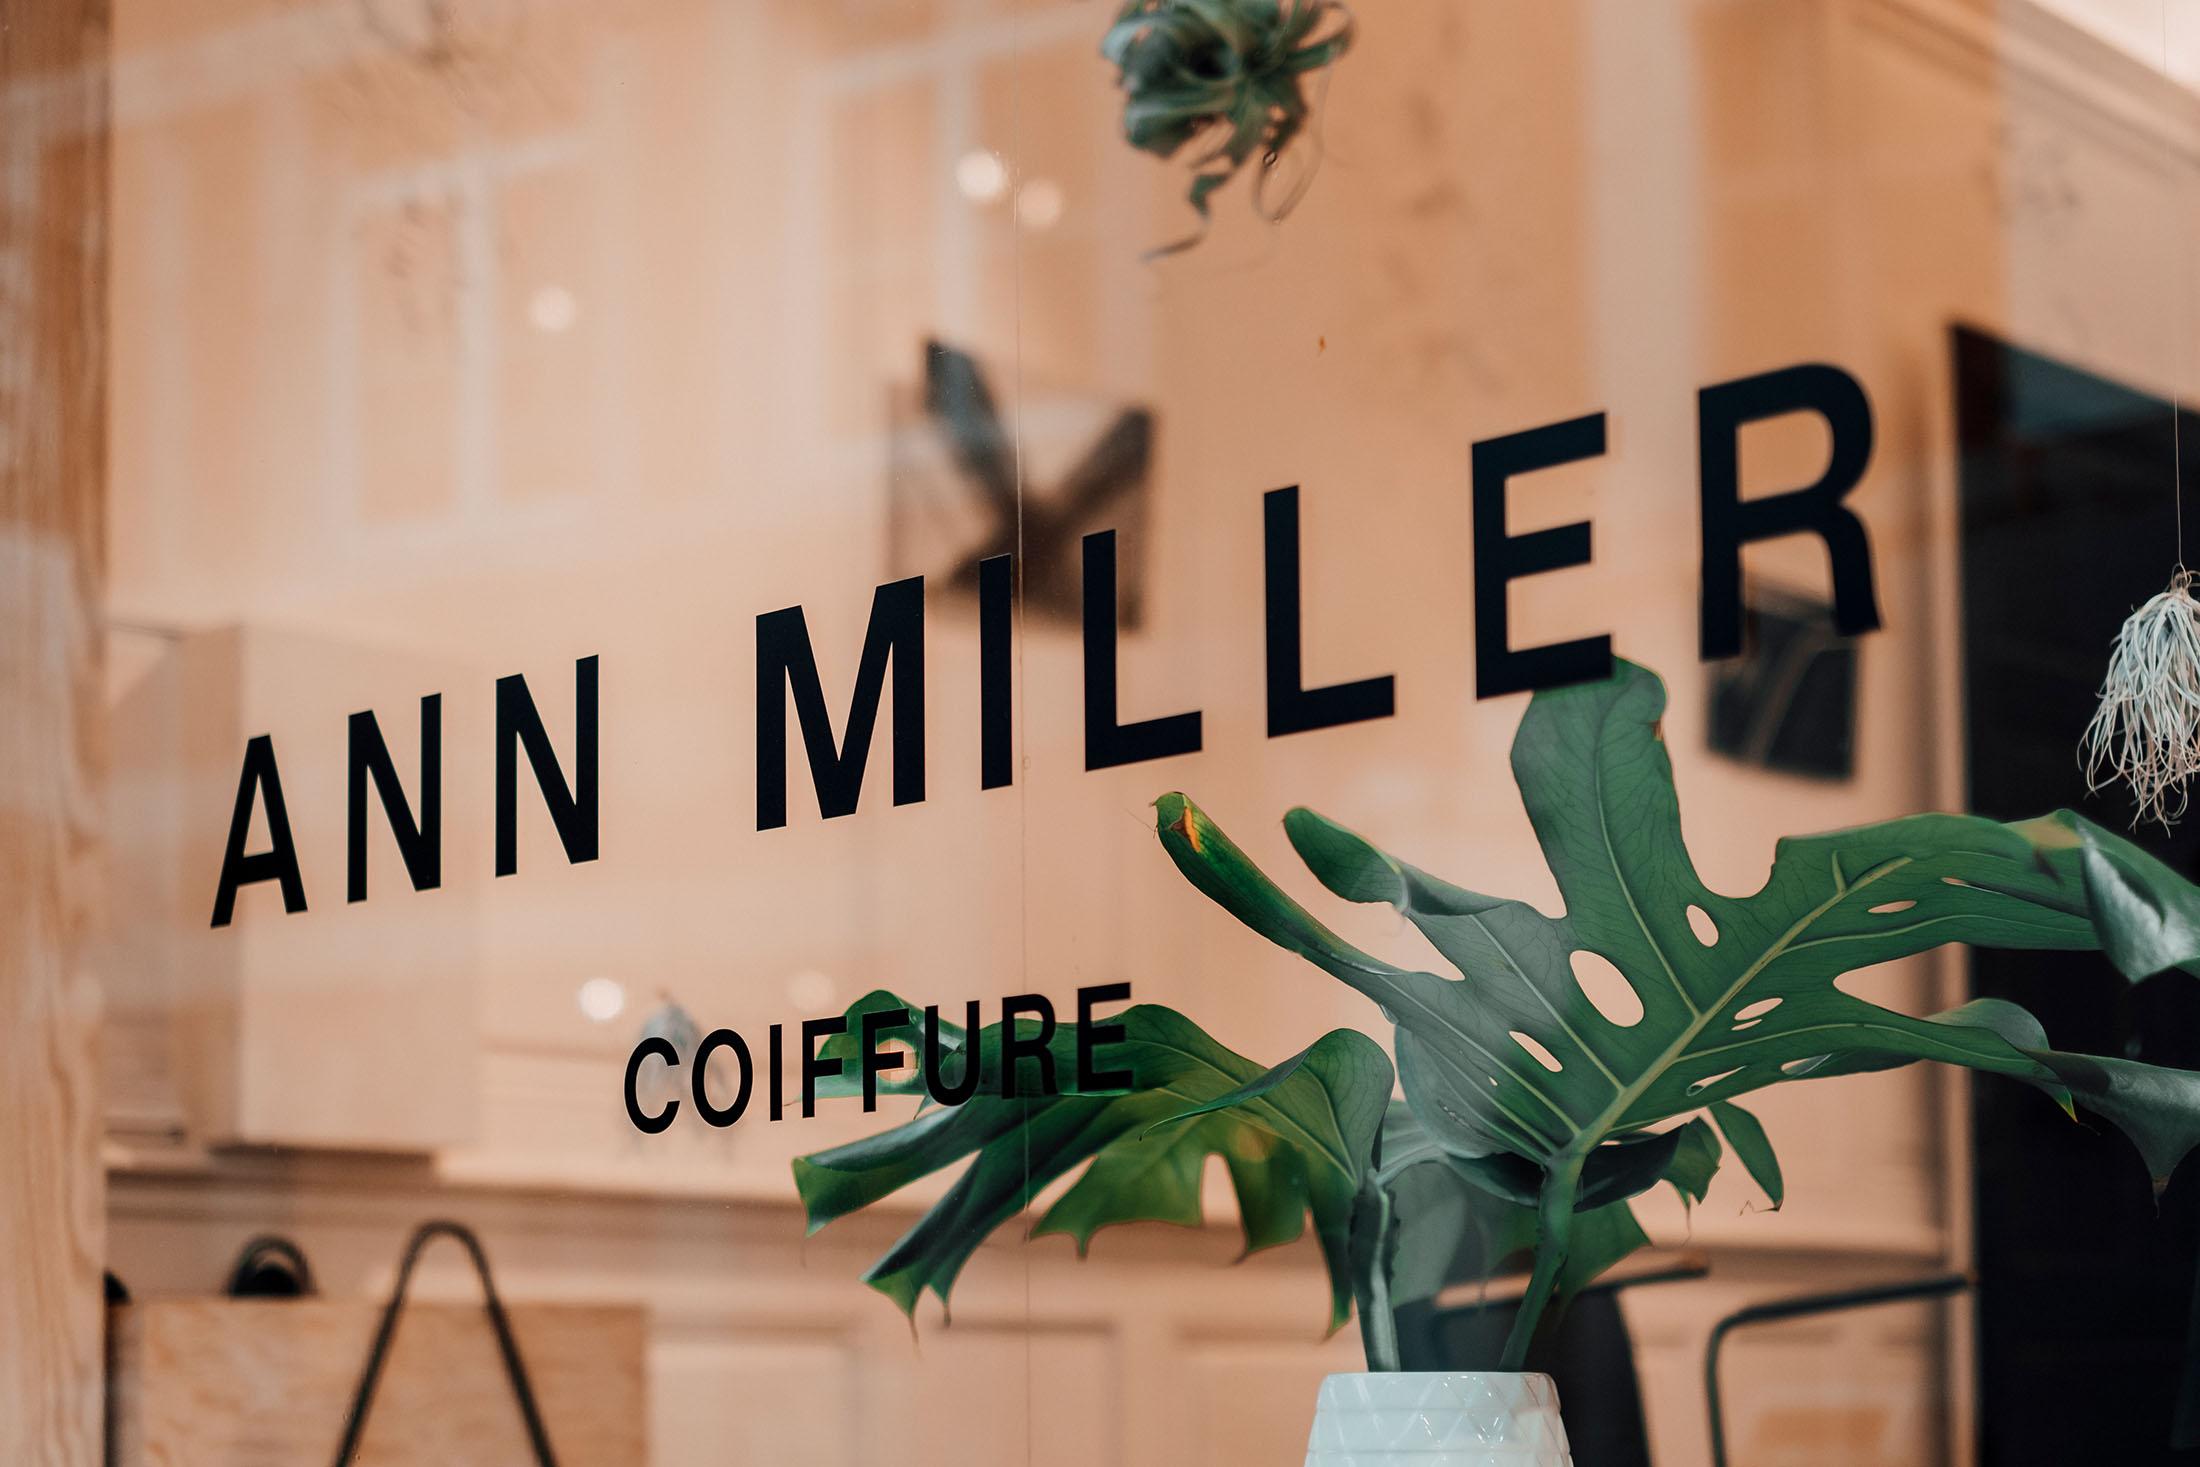 ANN MILLER coiffure / Le salon de coiffure à Liège